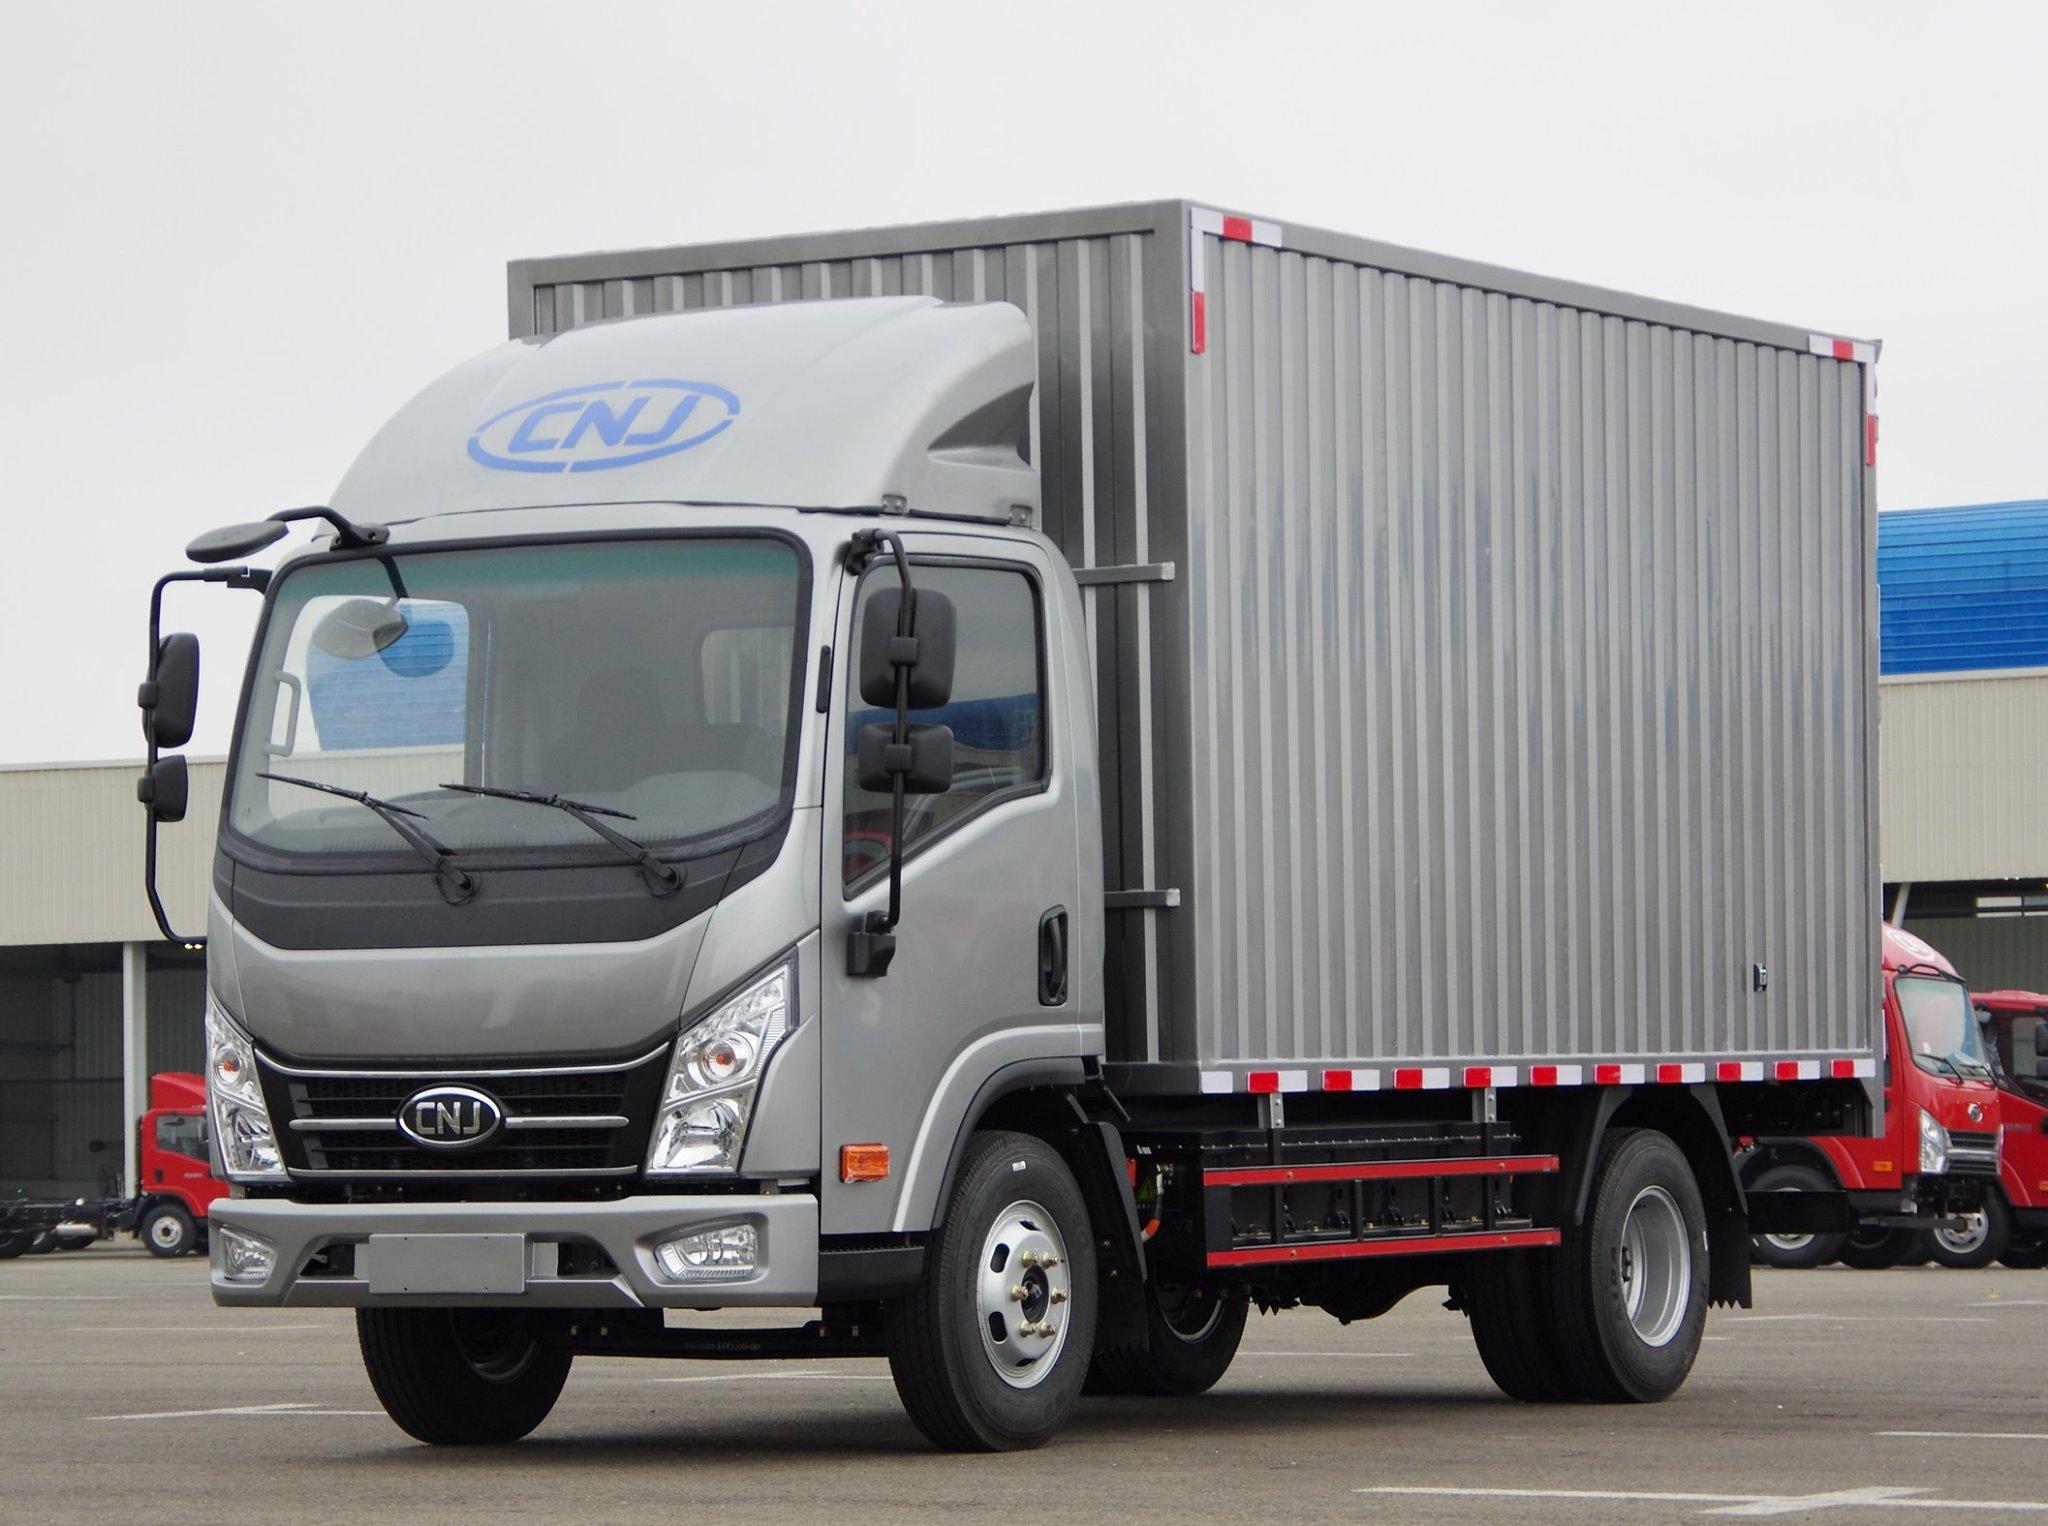 Cnj-elektrische-vrachtwagens-van-39-kwh-tot-93-kwh-met-lading-van-2-5-ton-tot-8-ton-3